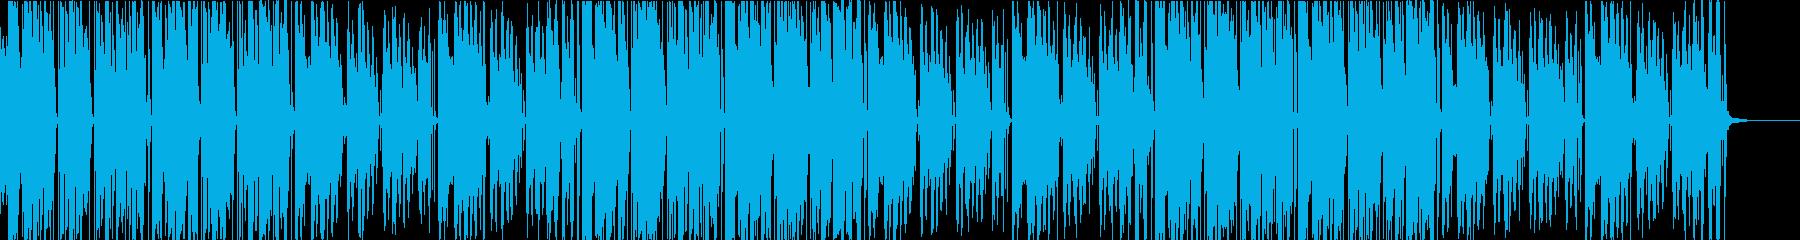 キラキラしたEDM、フューチャーベースの再生済みの波形